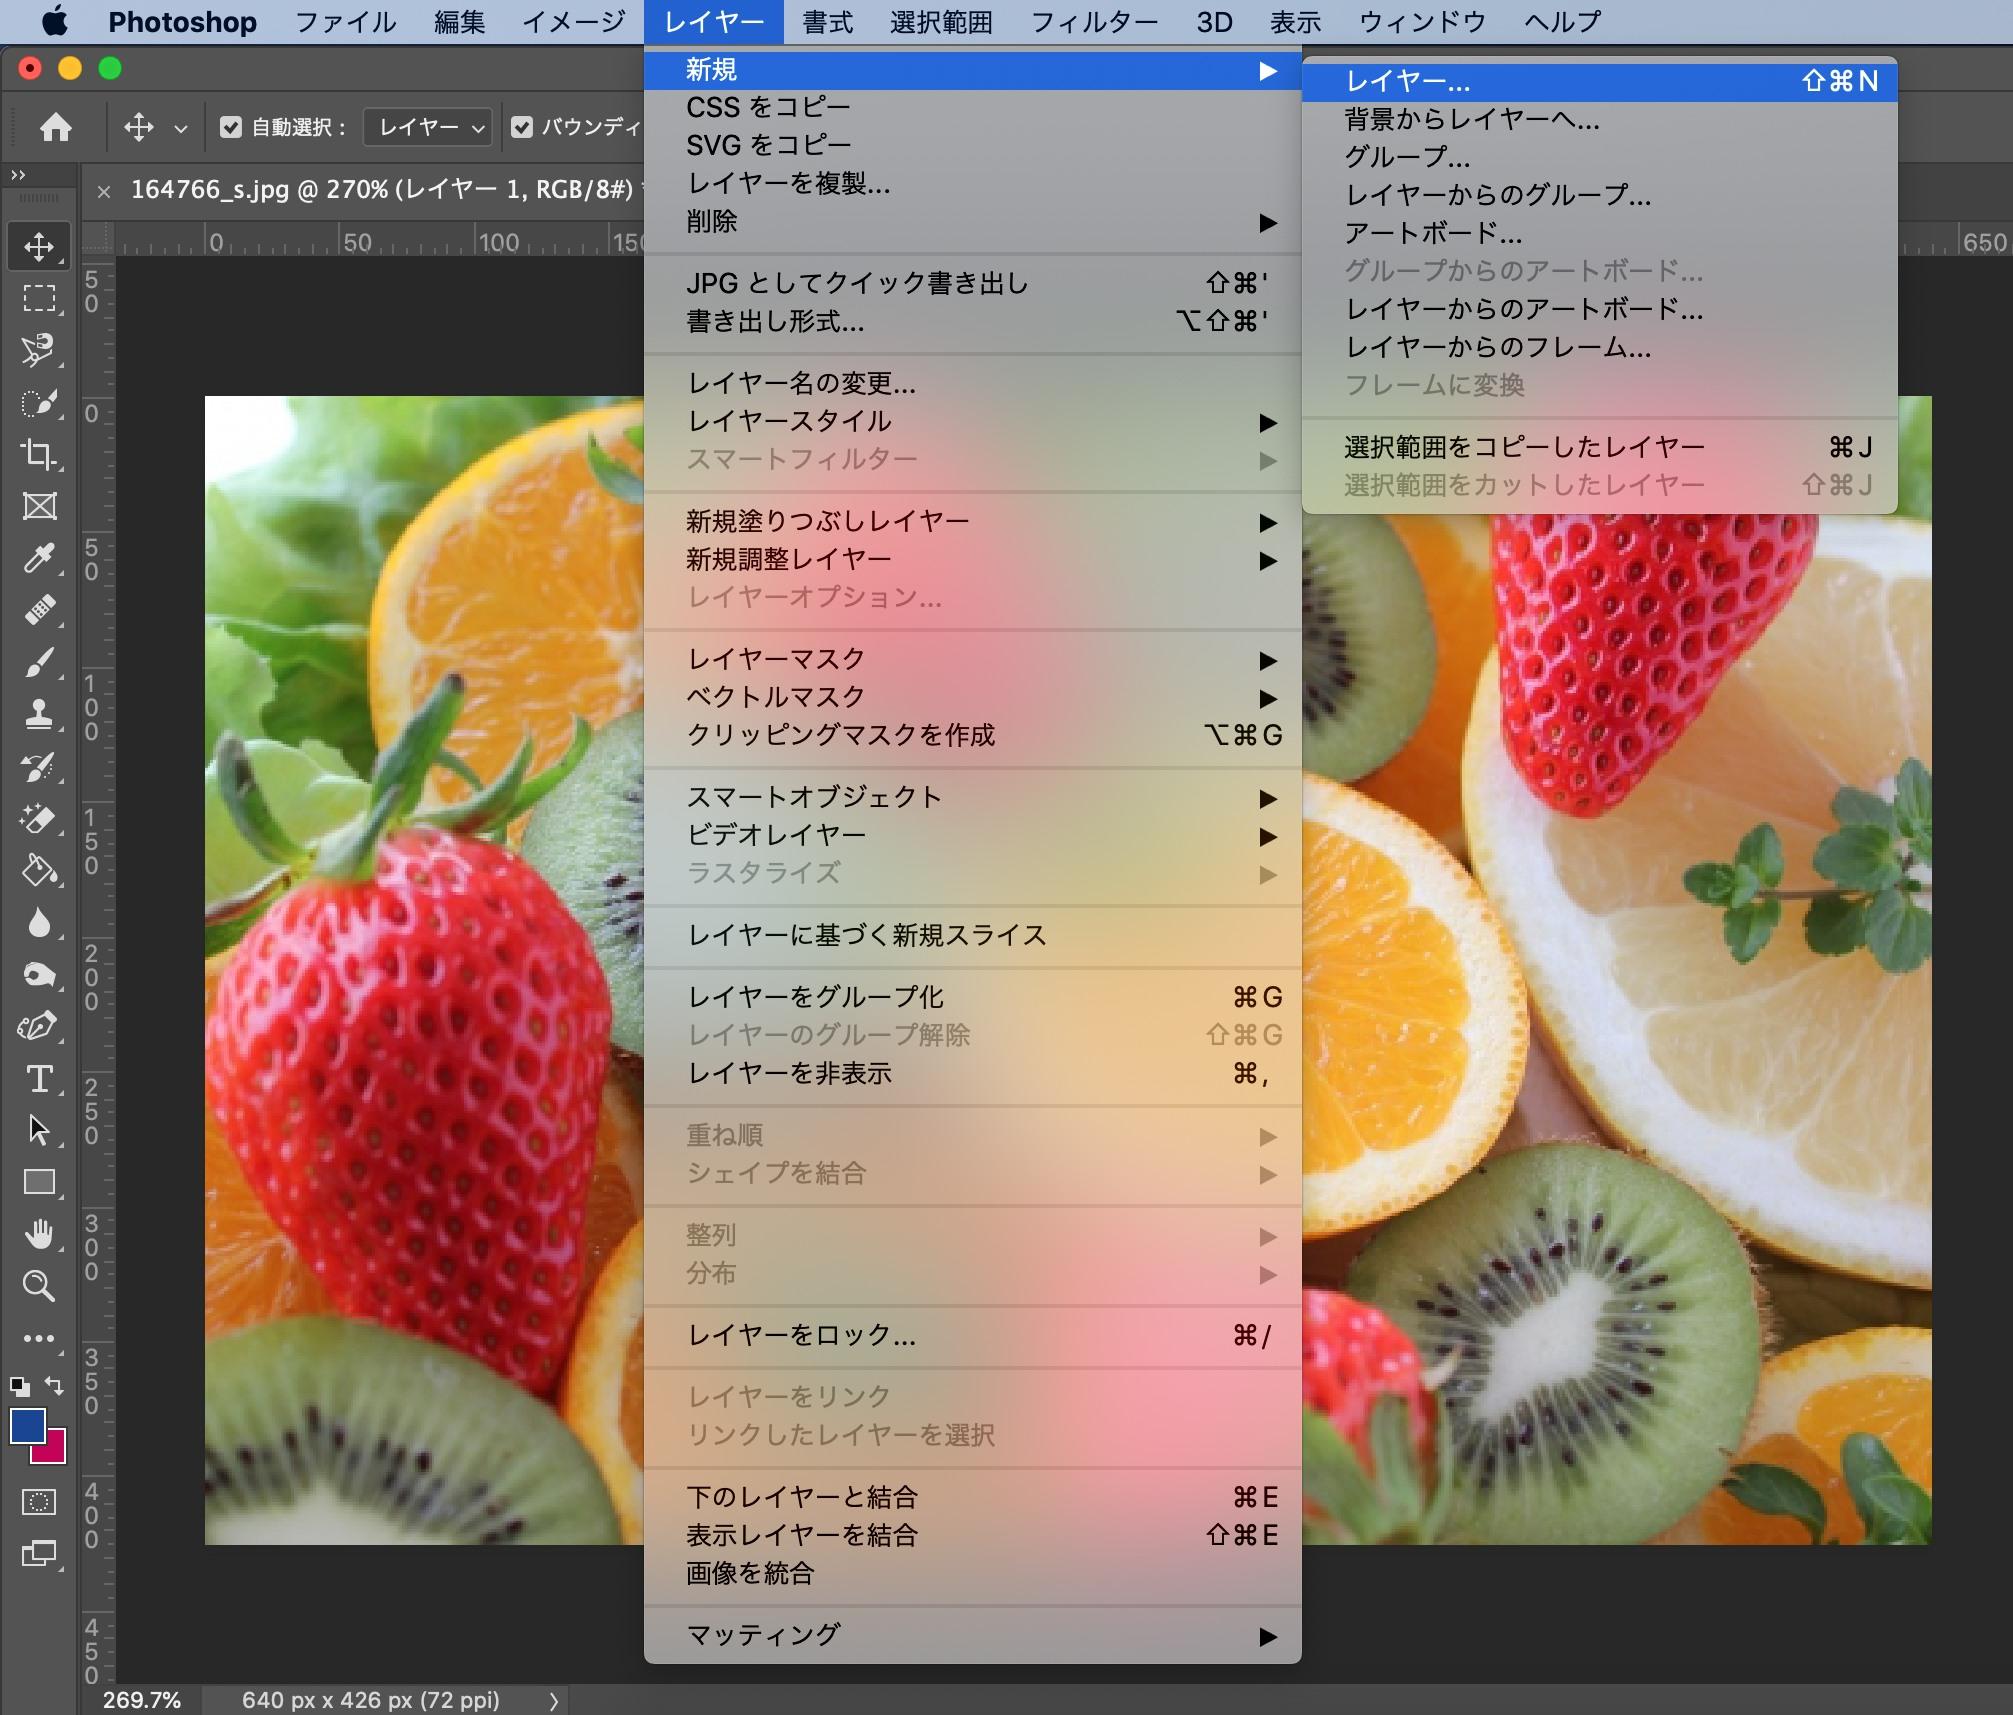 スクリーンショット 2021-01-04 2.30.06.png